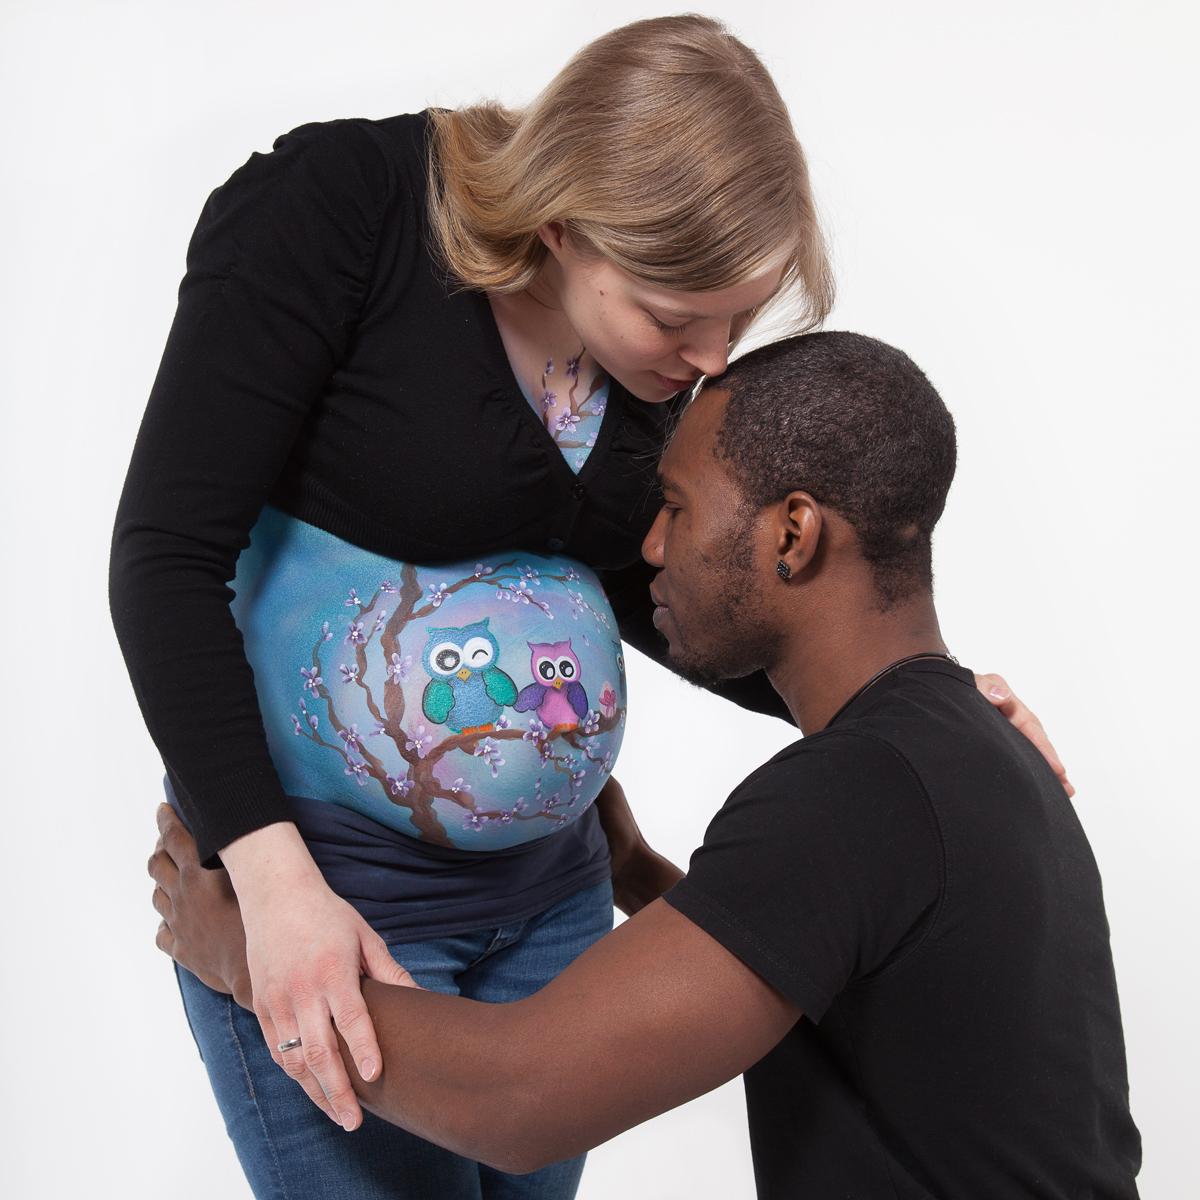 zwangerschapfotograaf-zwijndrecht-betallbare-fotoshoots-bellypaint–rotterdam-dordrecht-papendrecht-drechtsteden-gouda-rikervp_MG_4964